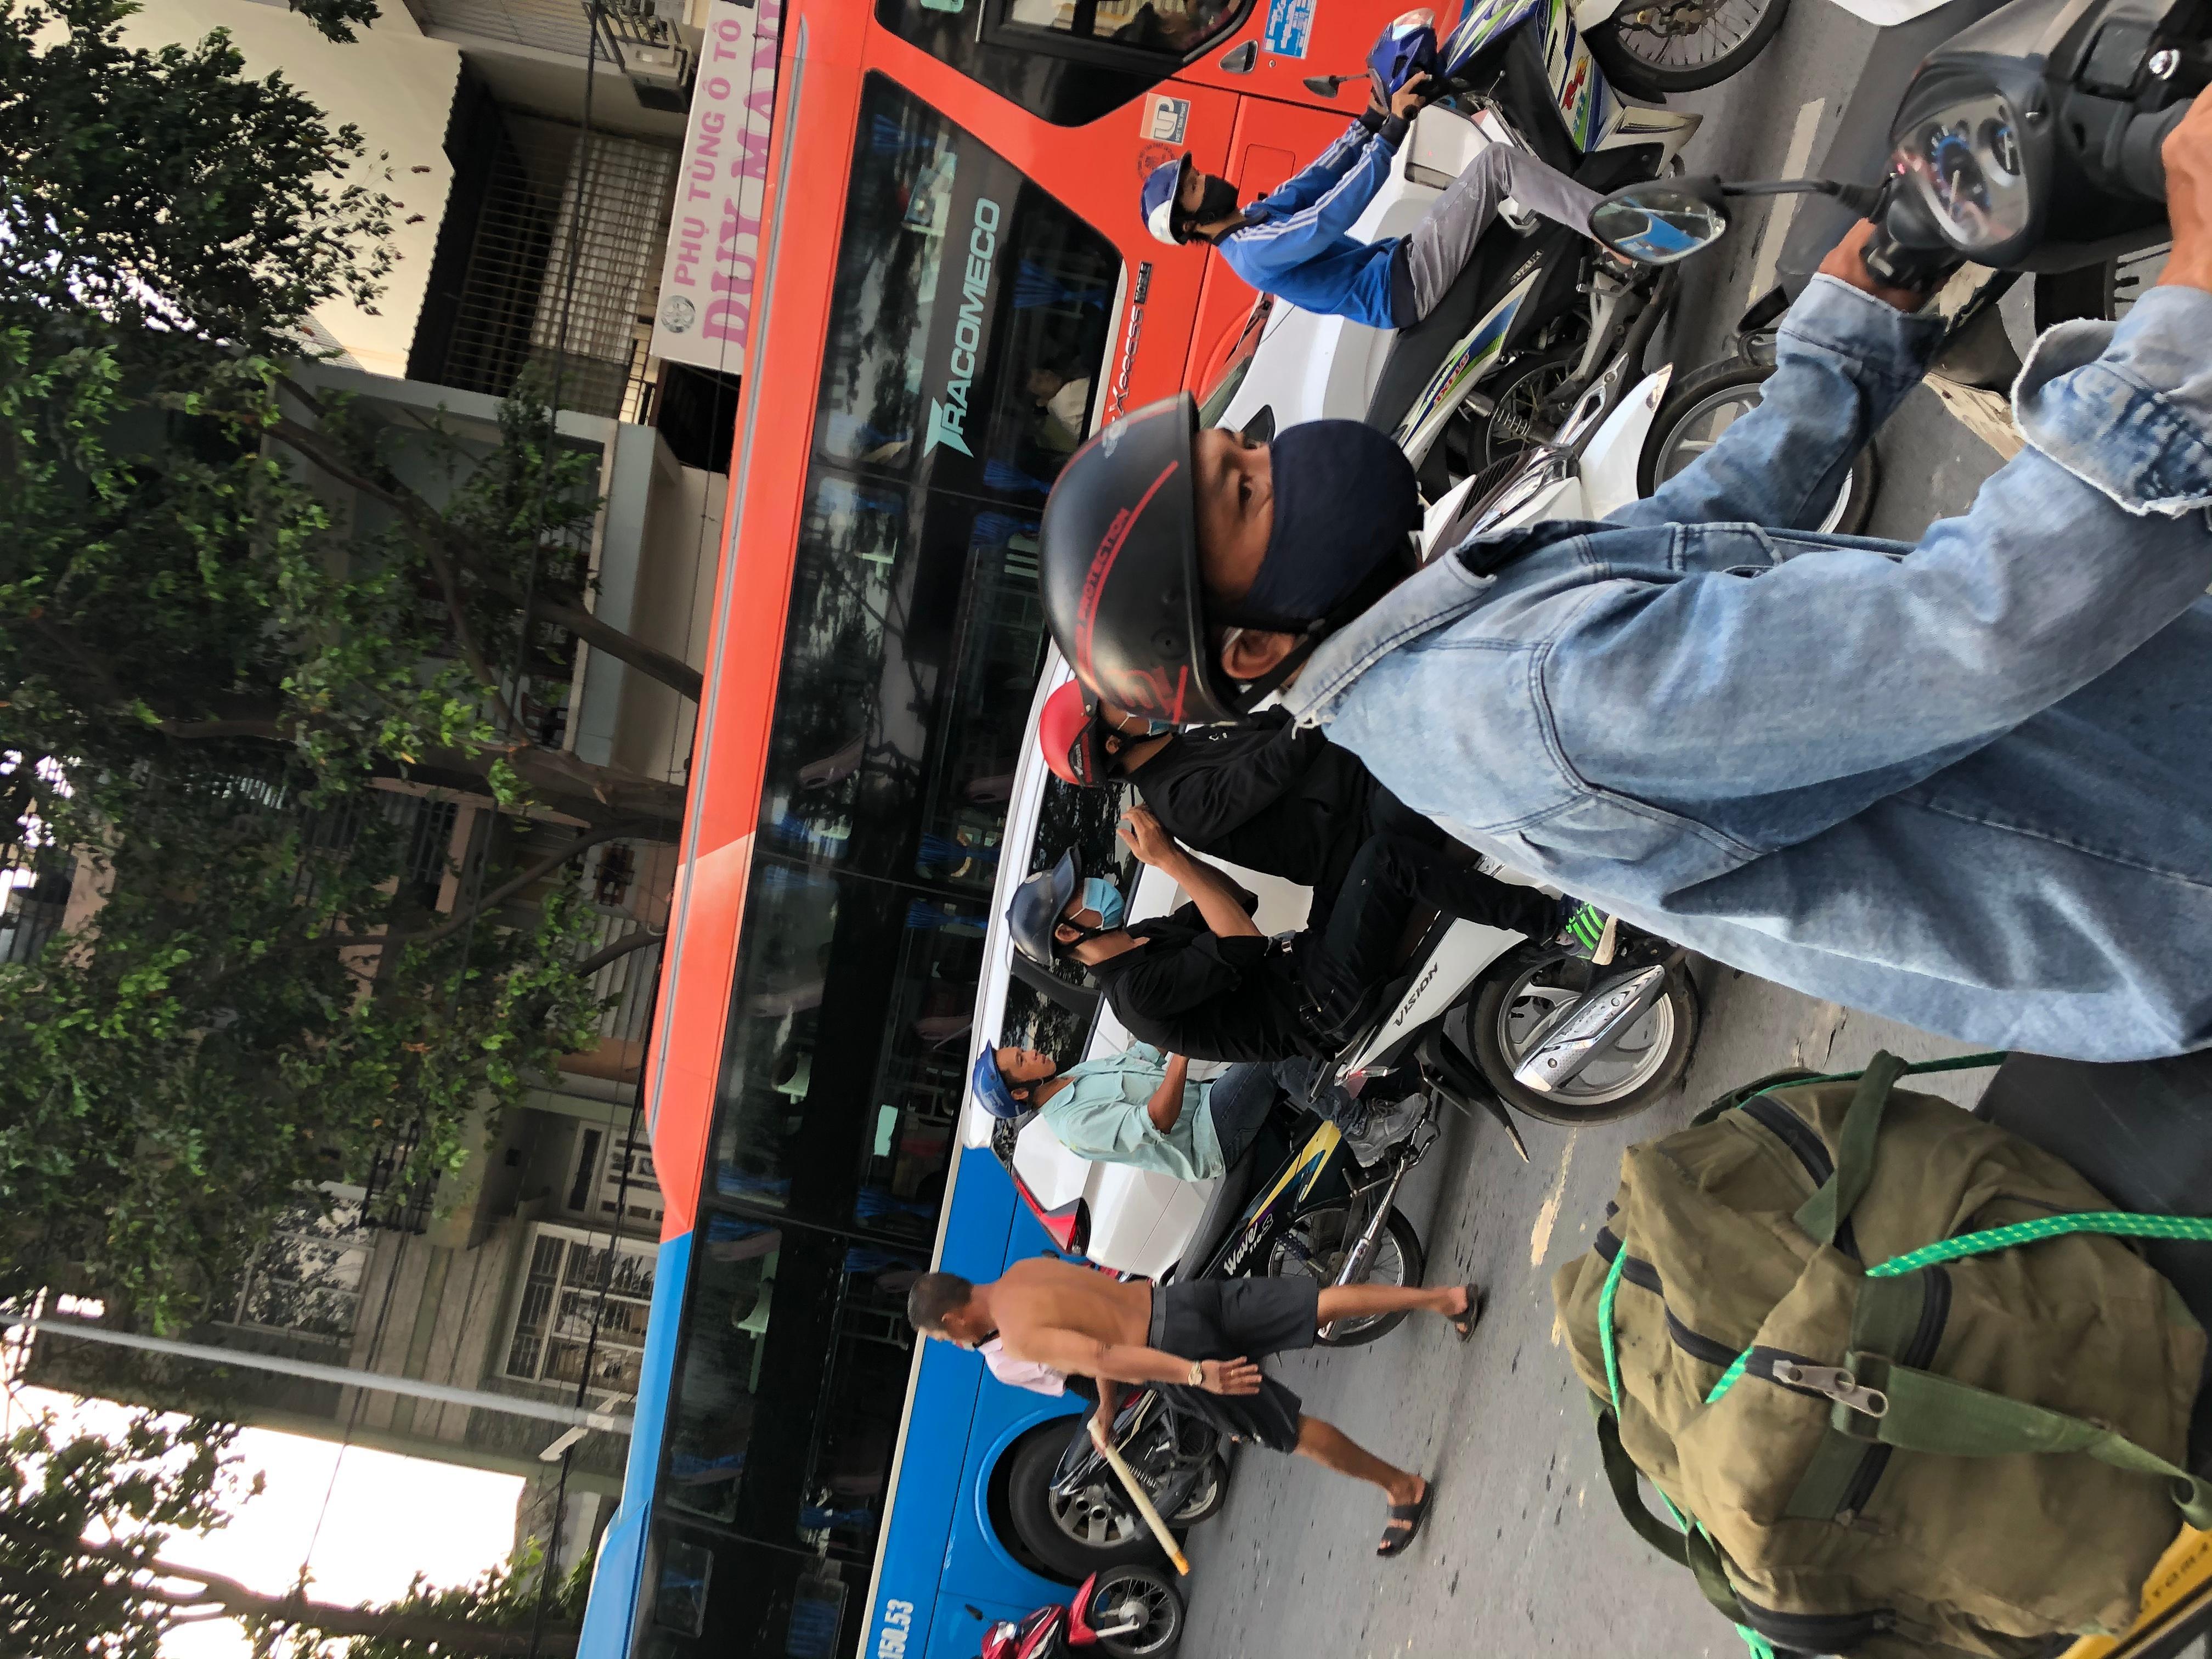 Sài Gòn kẹt xe trở lại Ảnh 6